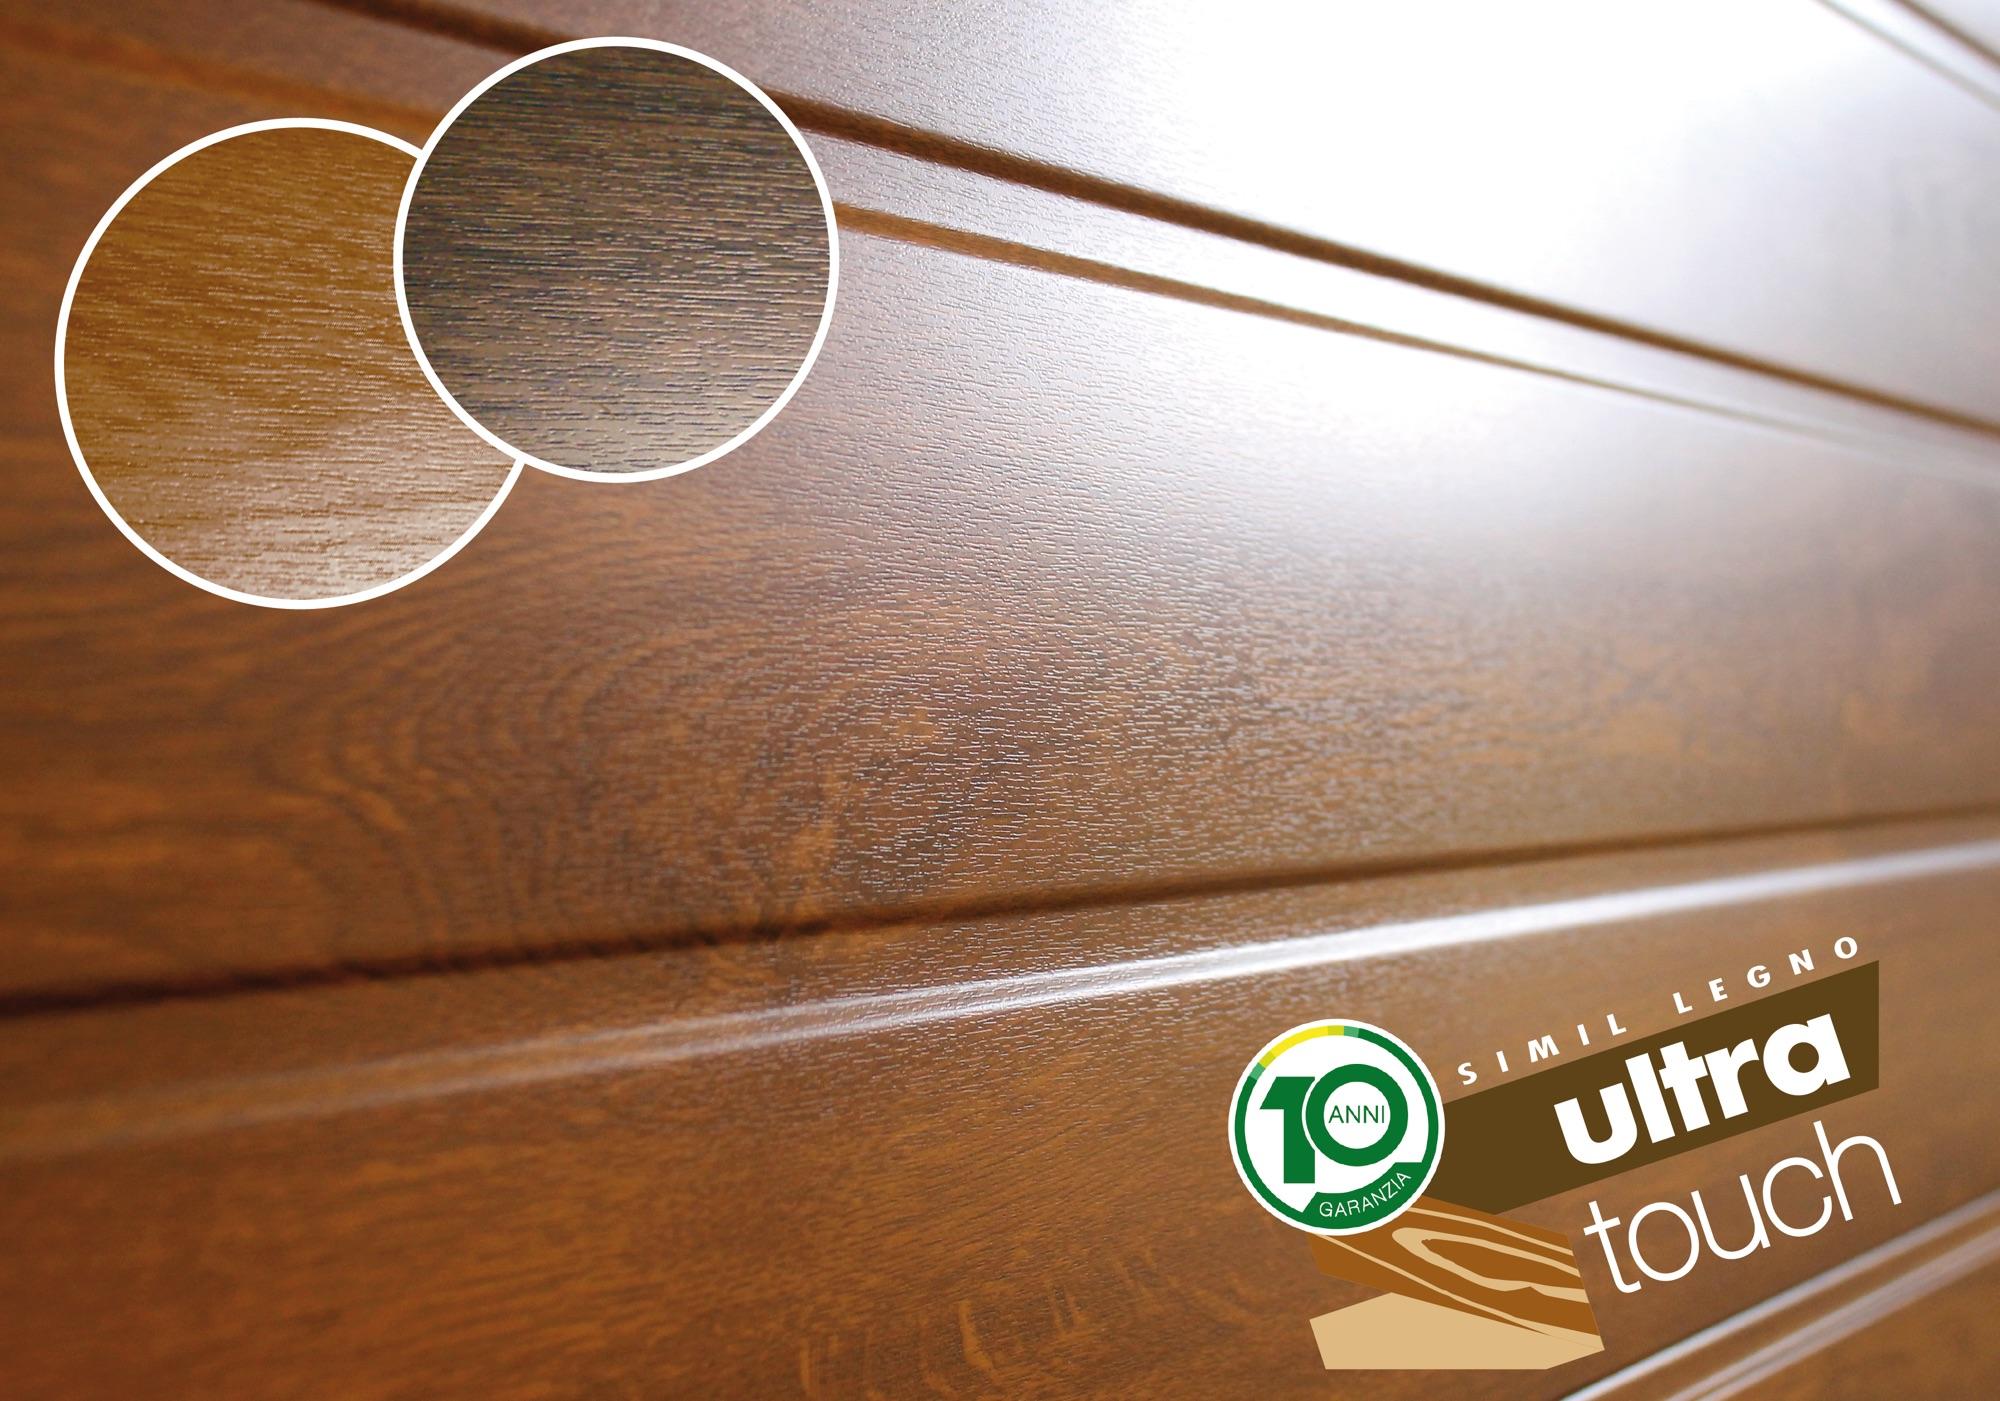 Breda presenta il nuovo simil legno Ultra Touch per i portoni residenziali